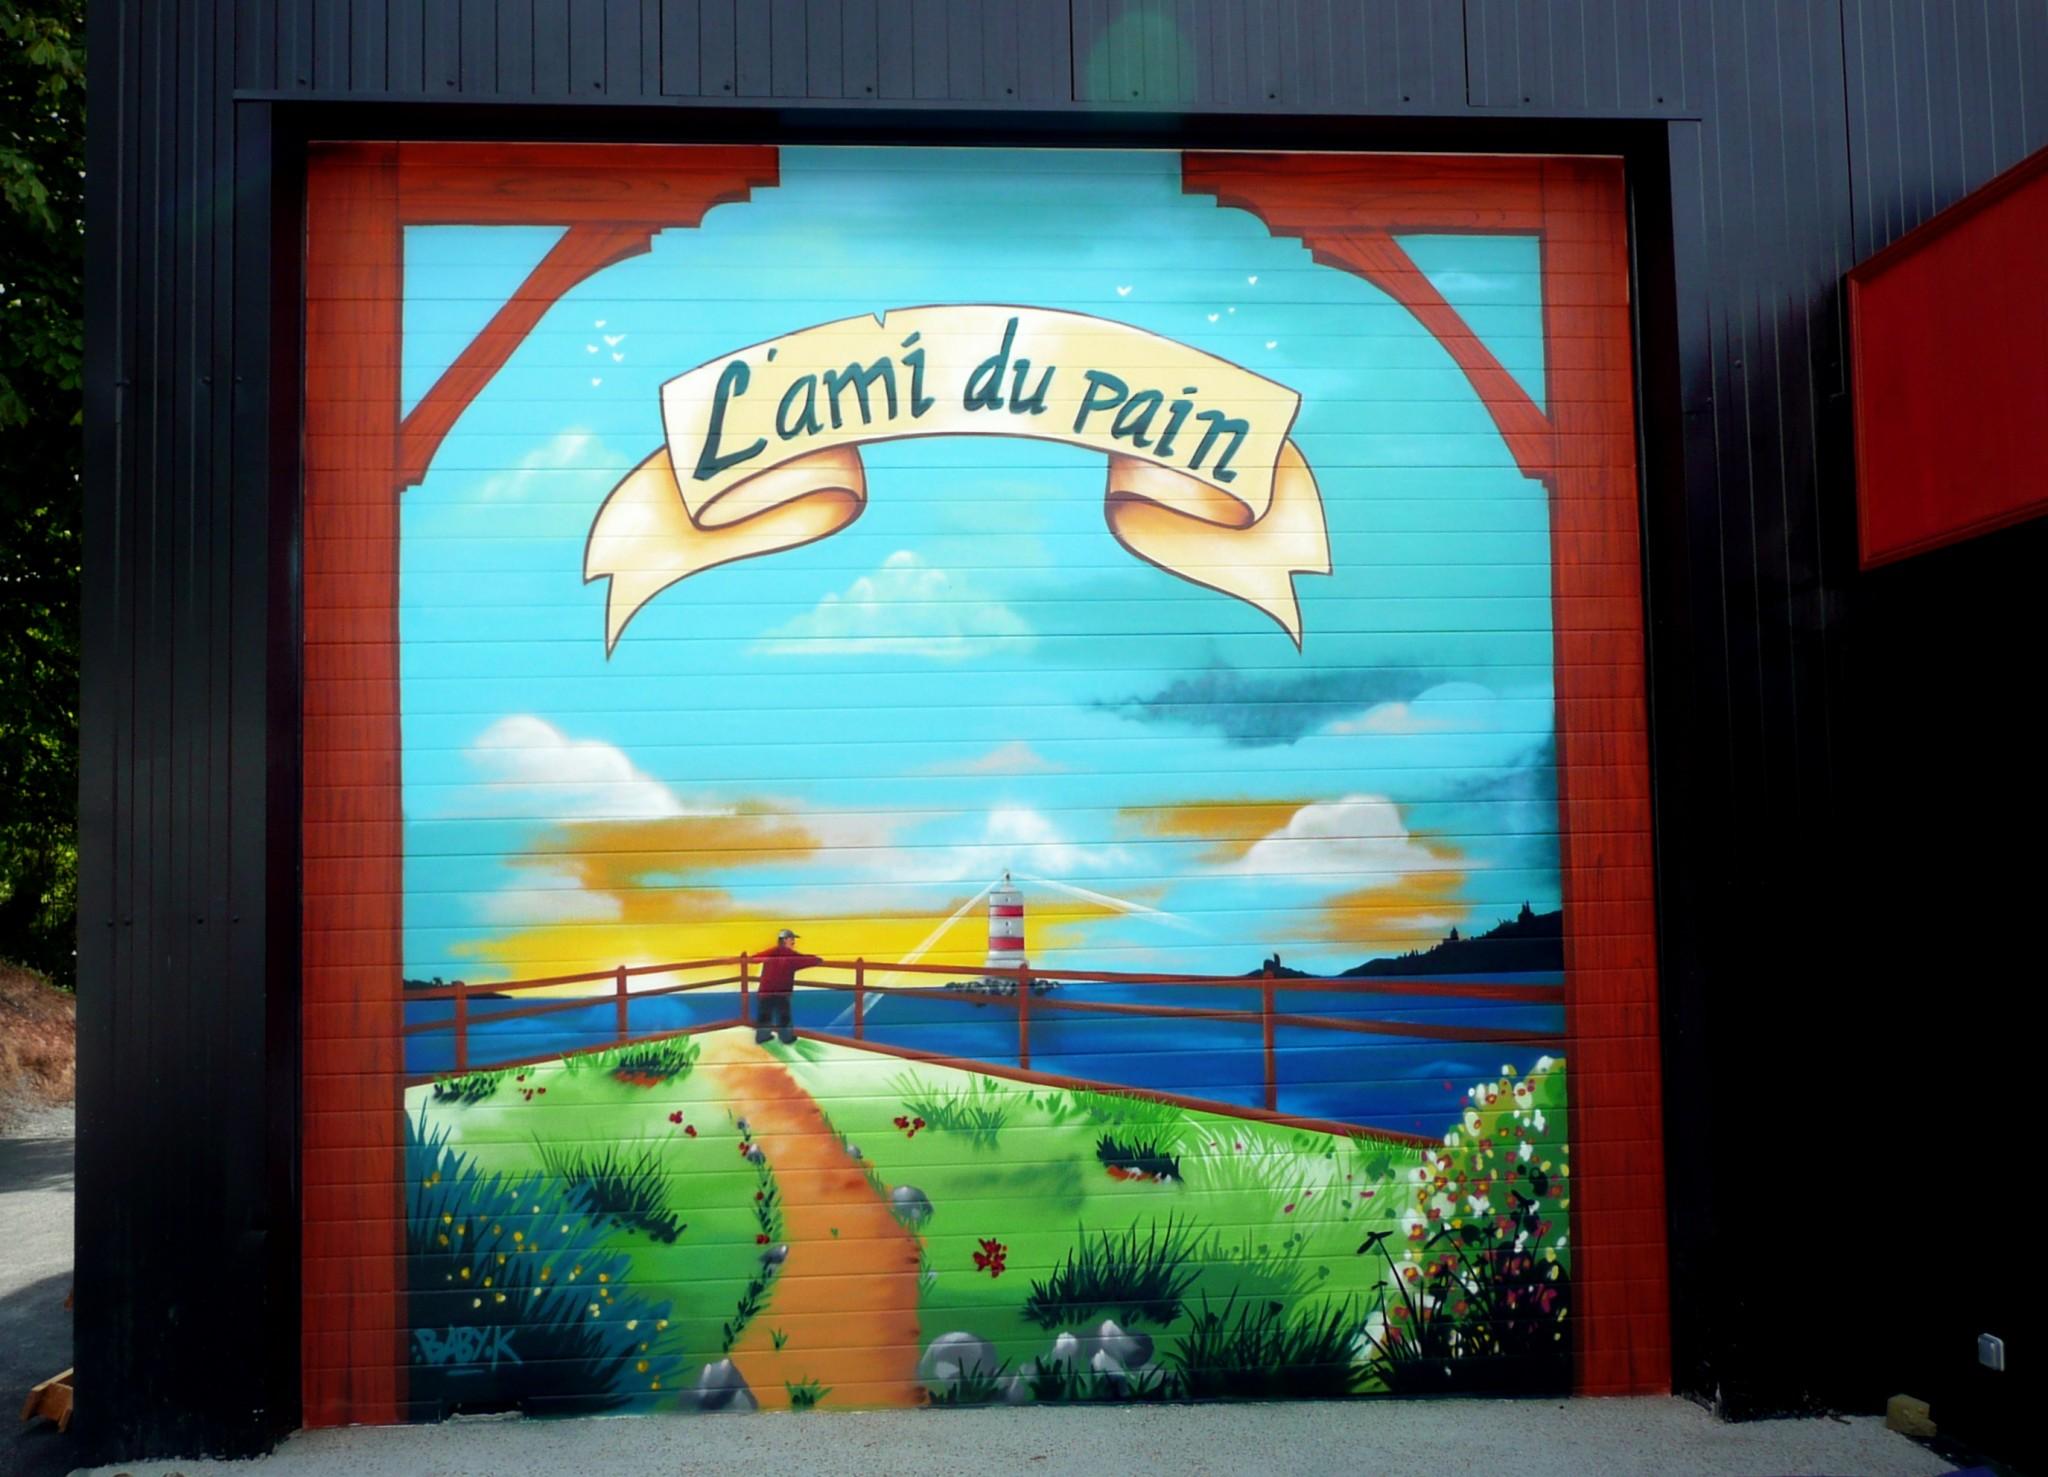 Boulangerie L'ami du pain - Cherbourg 2014